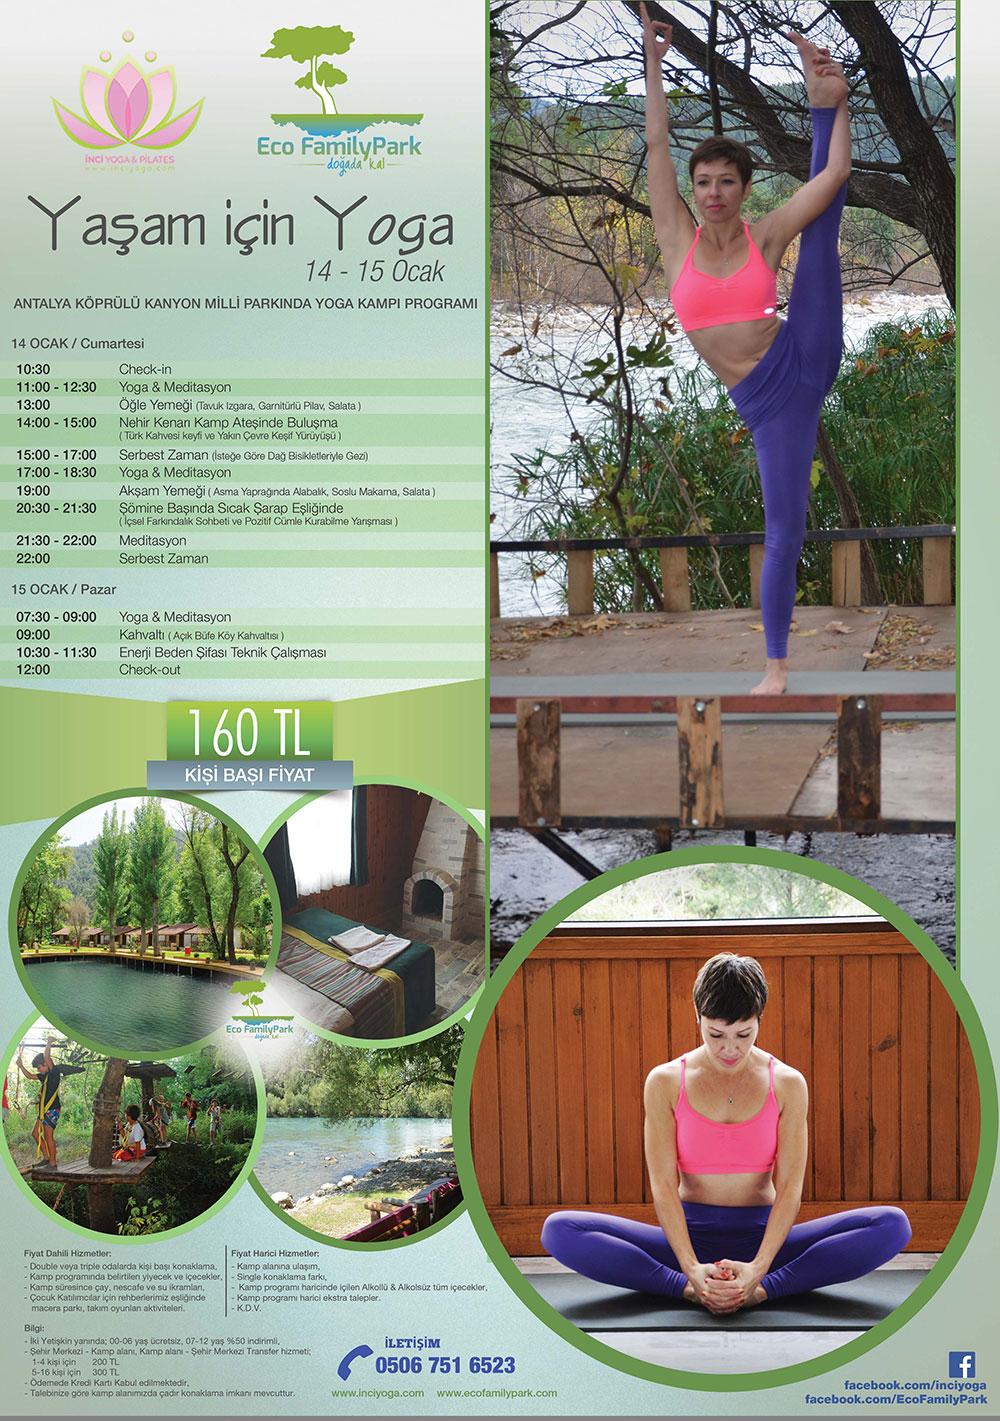 koprulu_kanyon_yoga_kampi